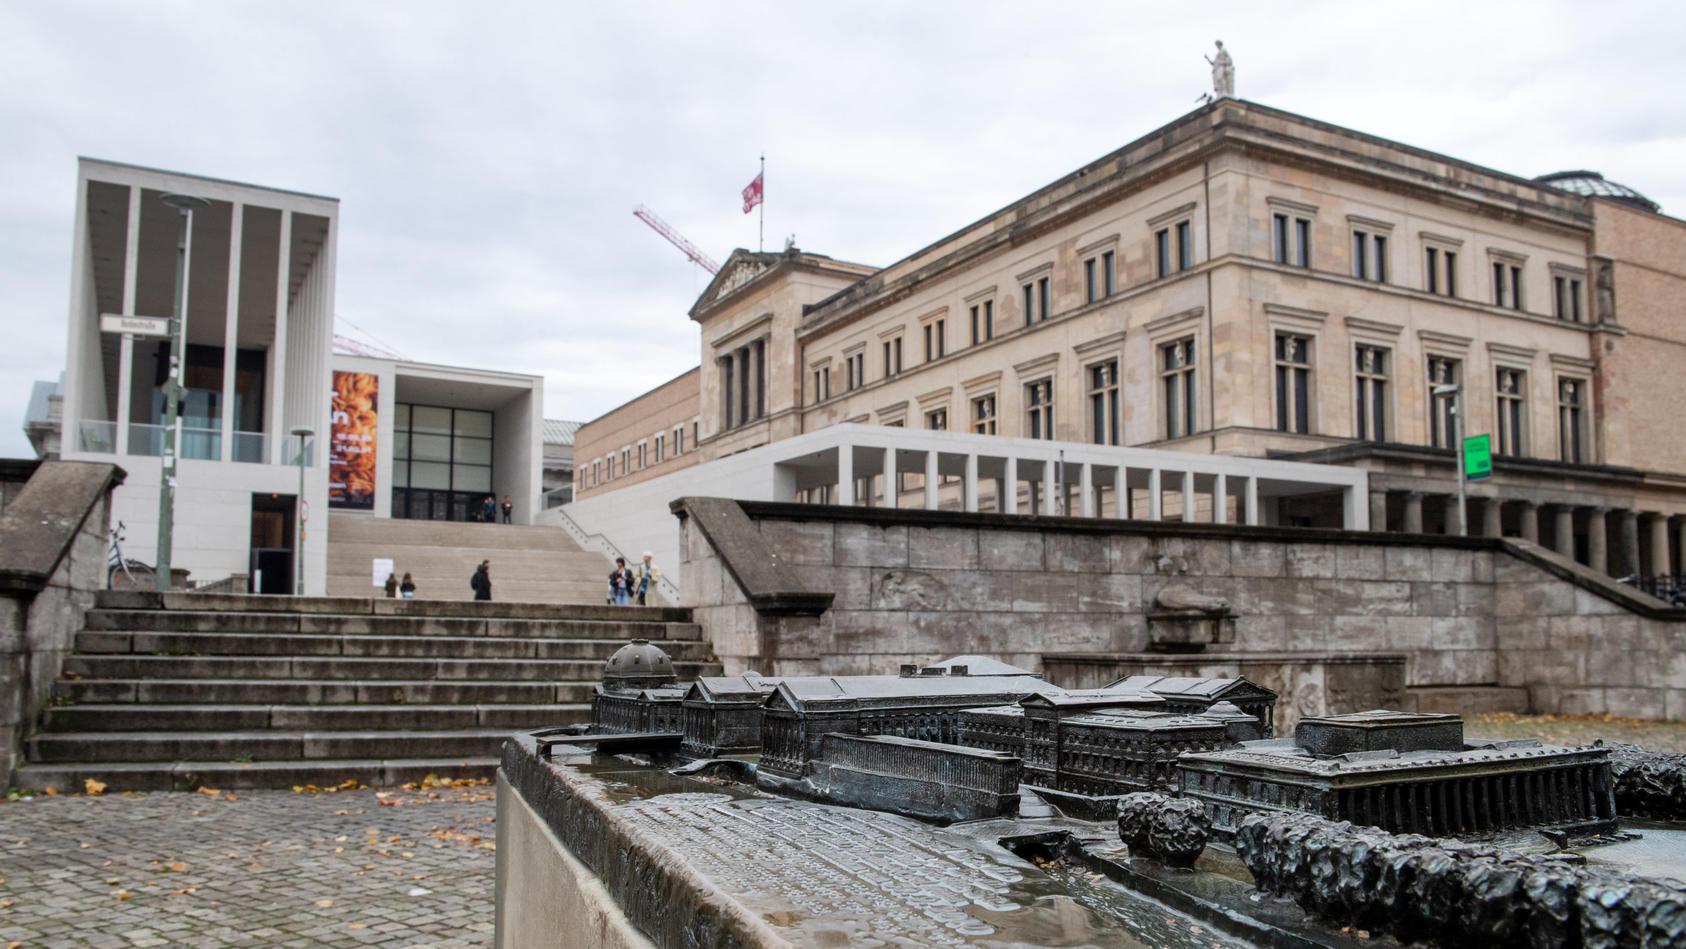 Zahlreiche Kunstwerke auf der Museumsinsel beschädigt